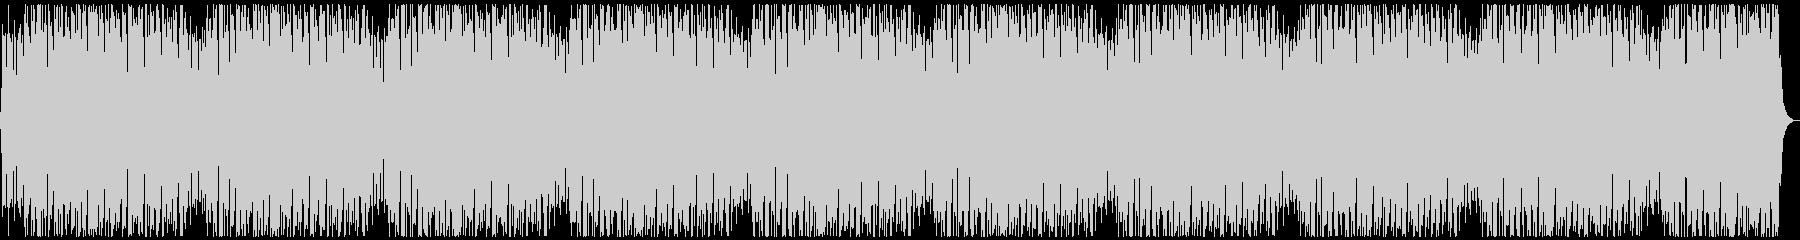 先進的トレンドFuturePop、10分の未再生の波形